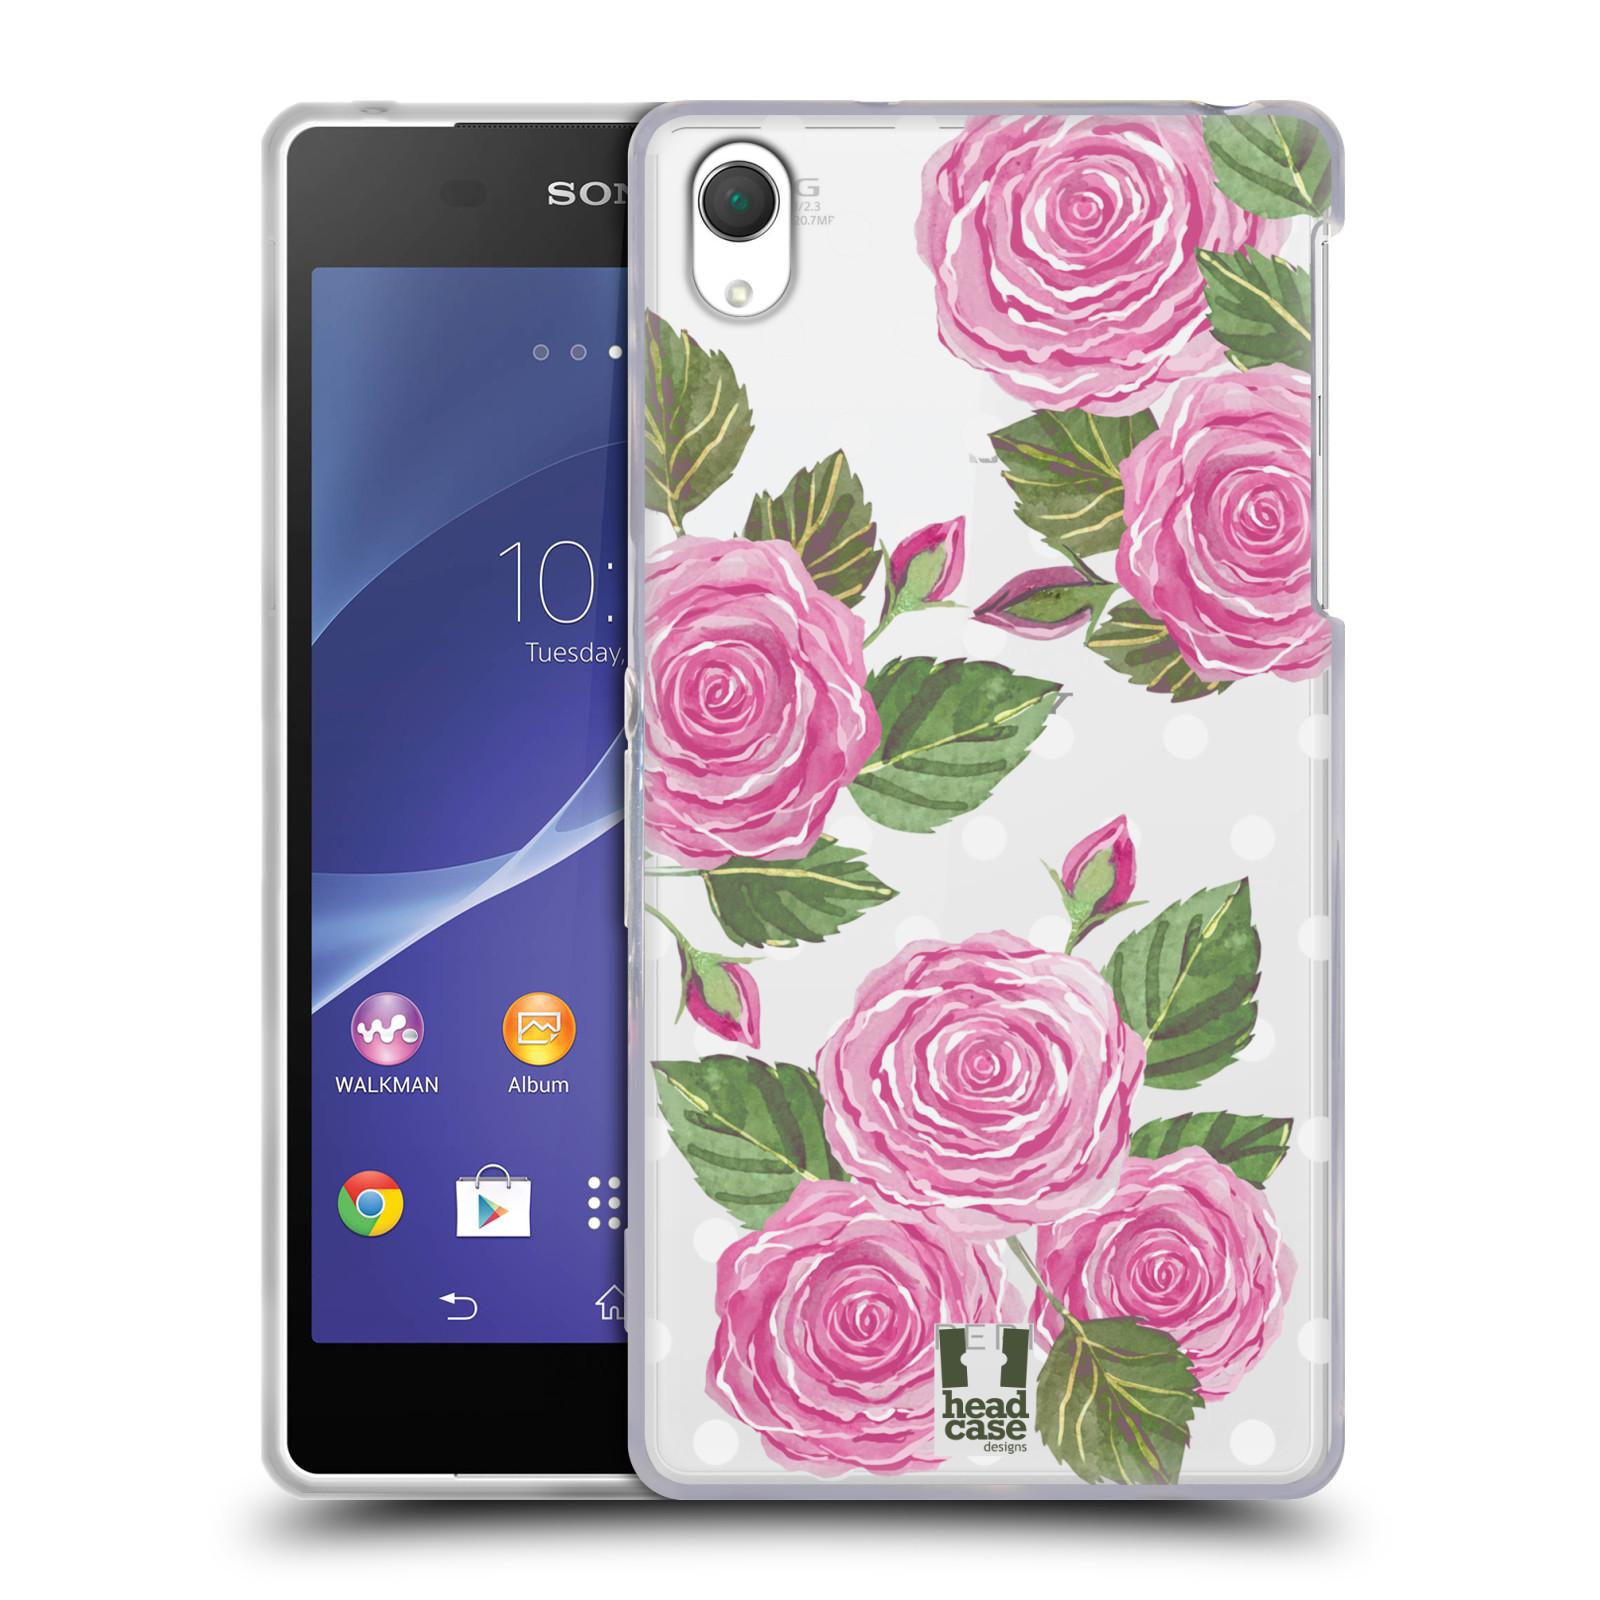 Silikonové pouzdro na mobil Sony Xperia Z2 D6503 - Head Case - Hezoučké růžičky - průhledné